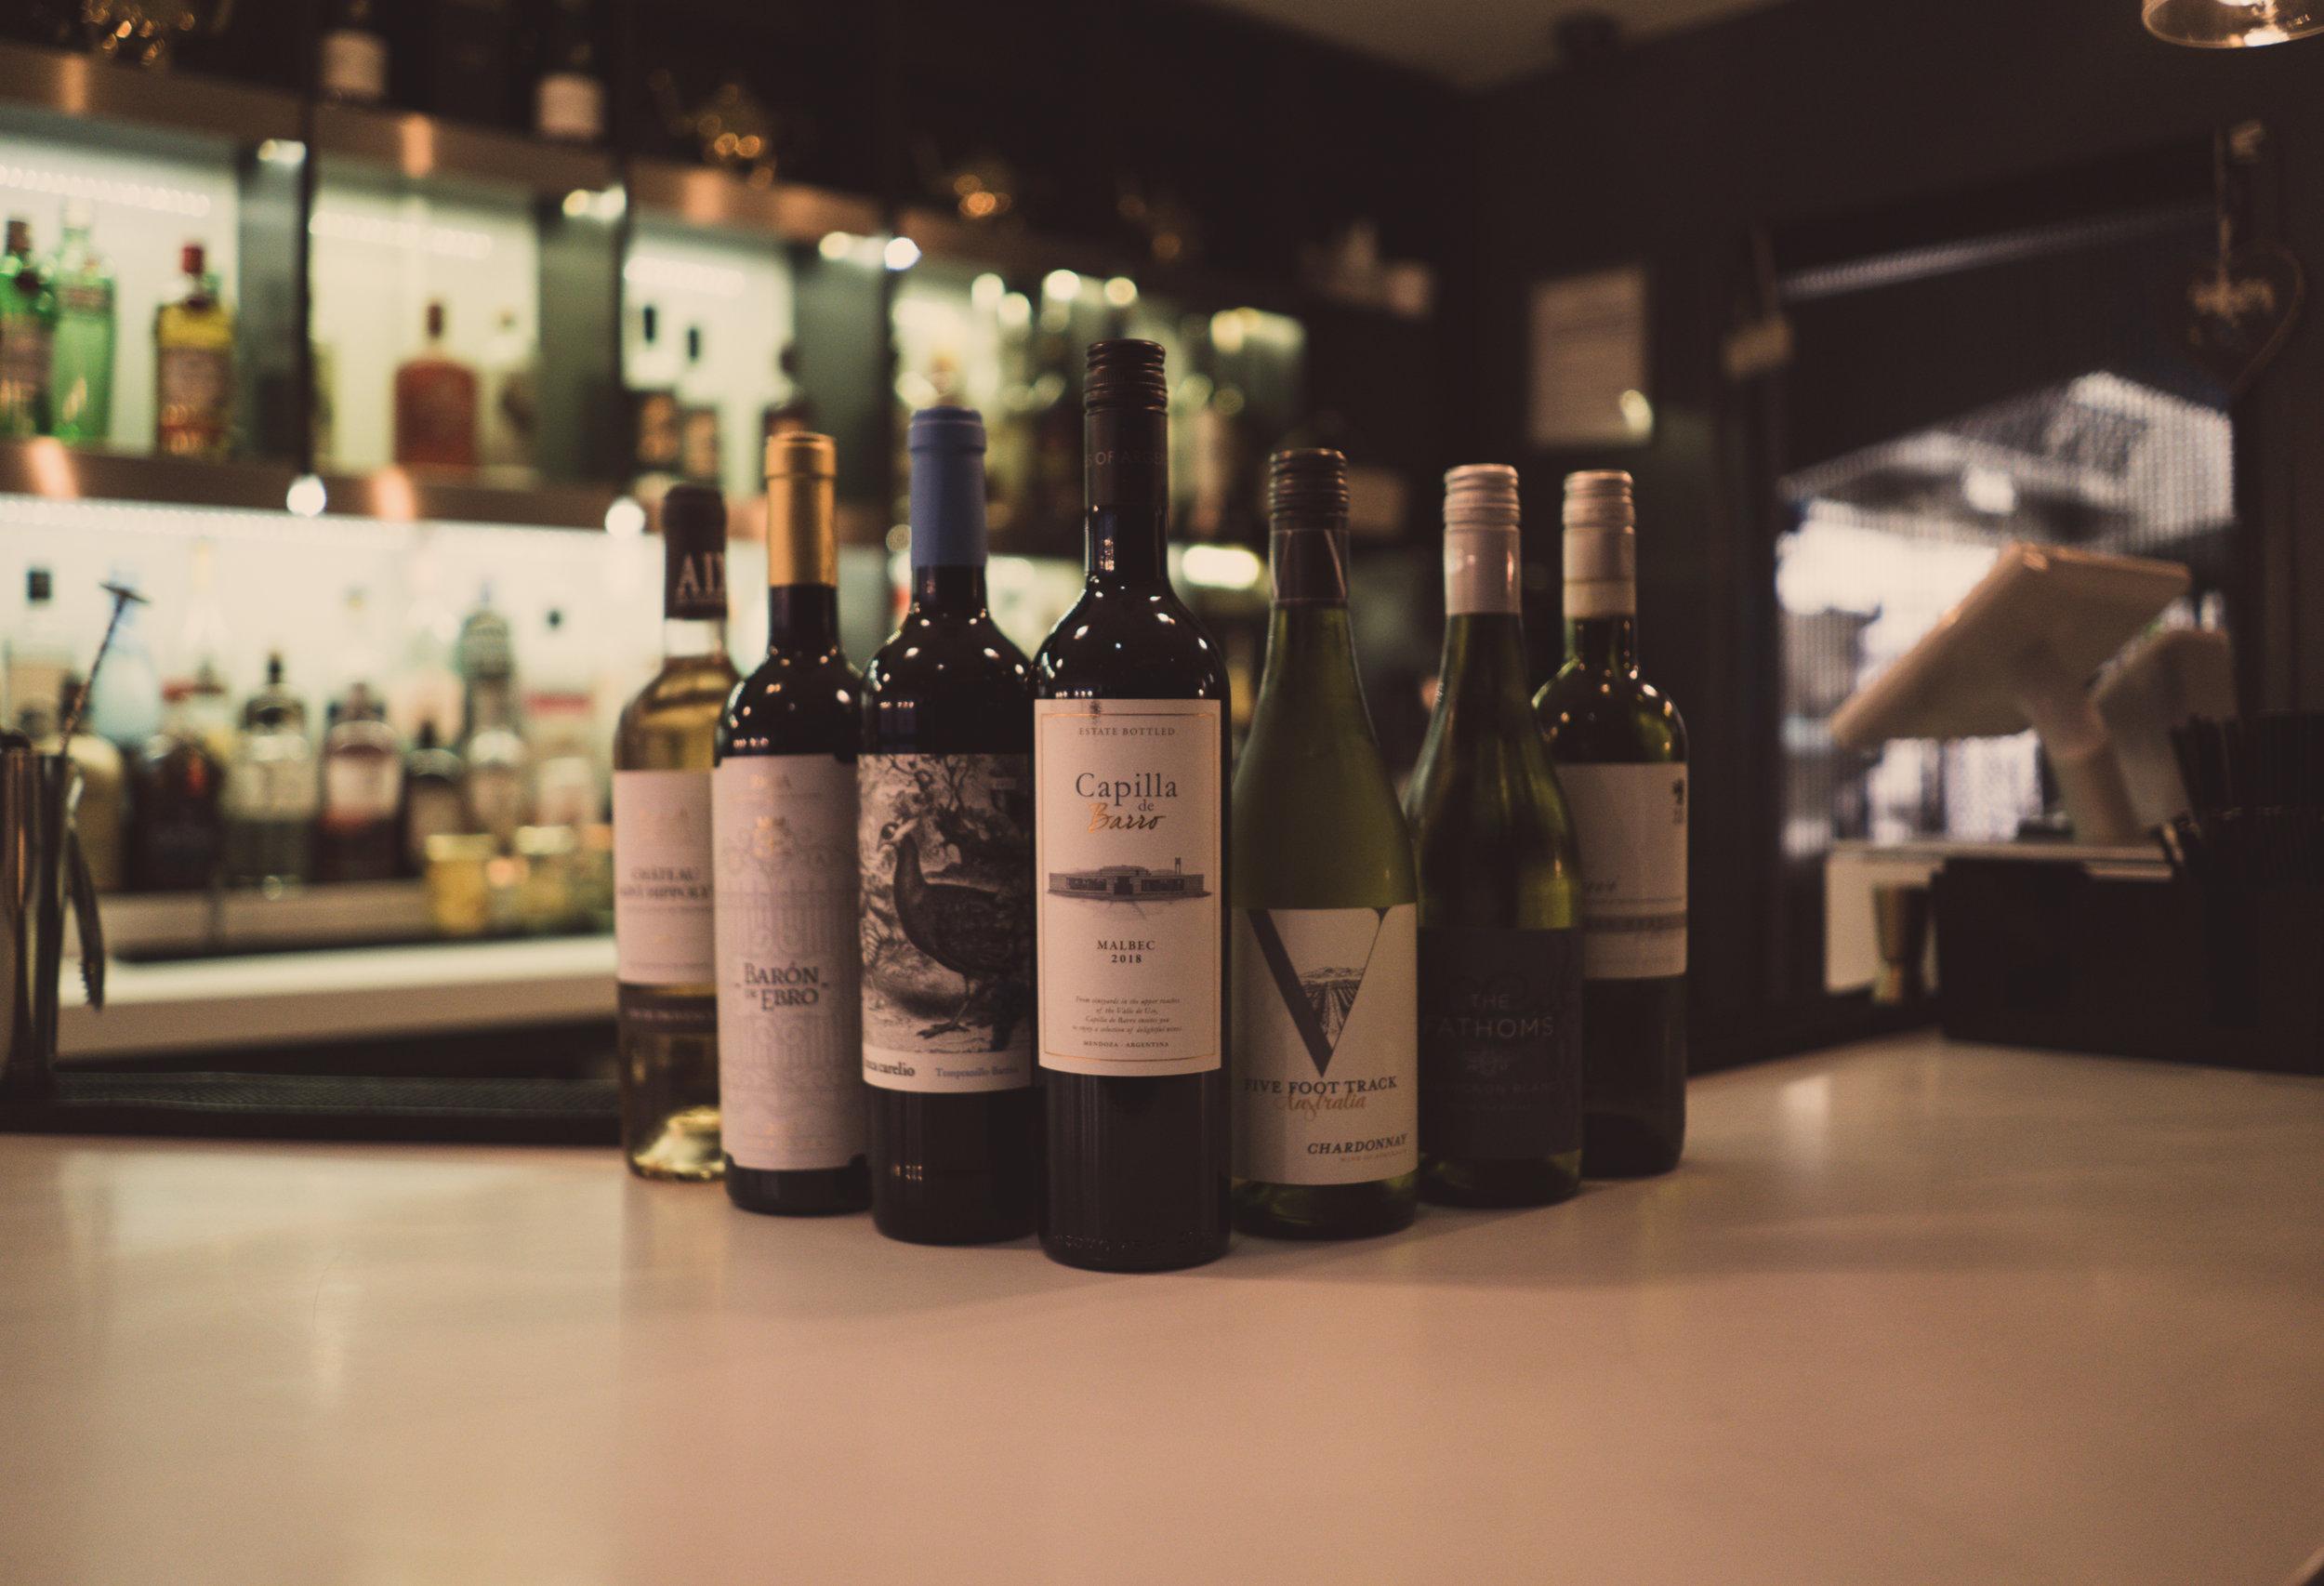 Wine bottles2.jpg